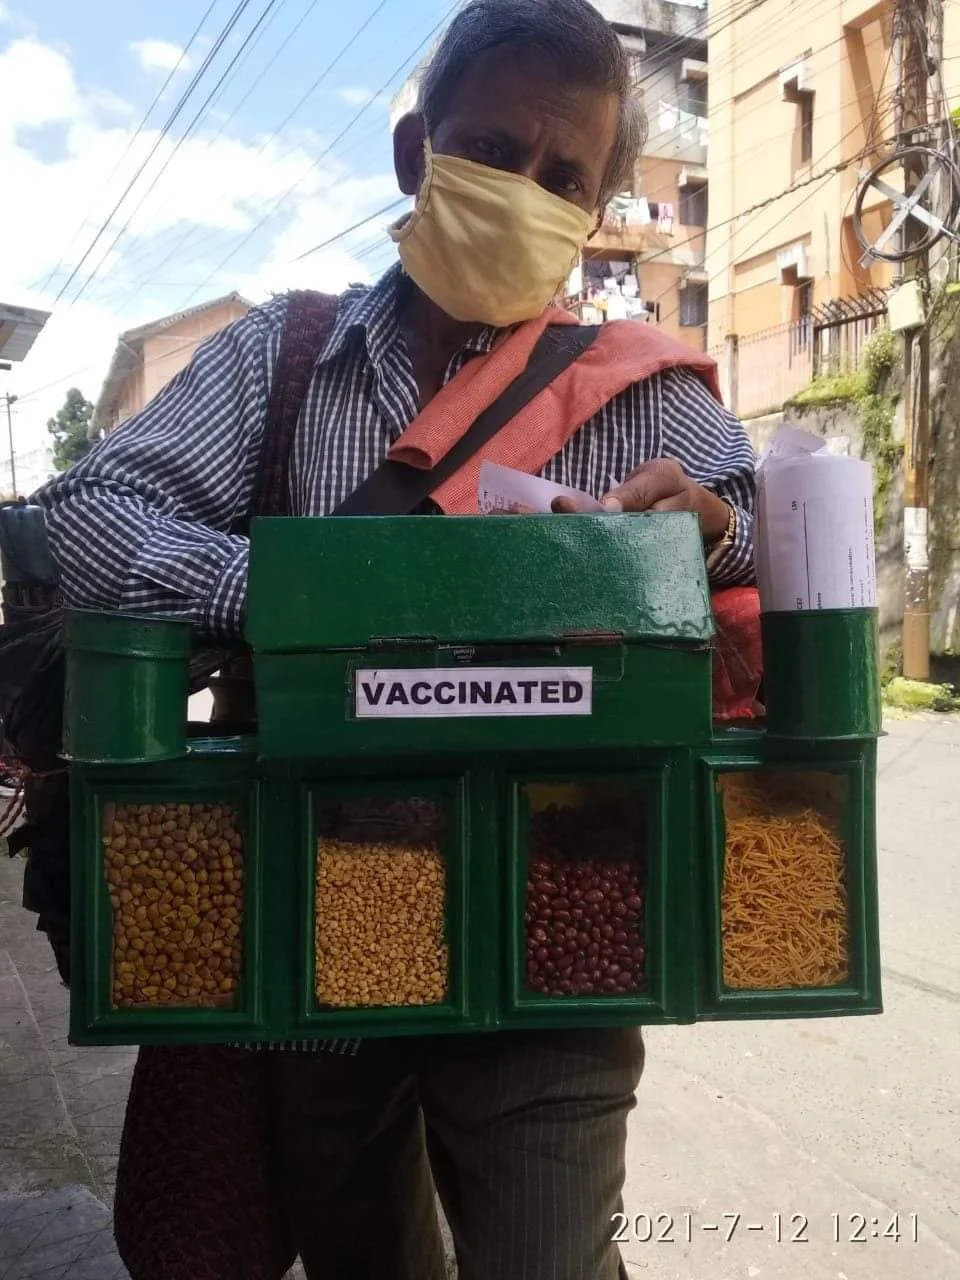 covidvaccination